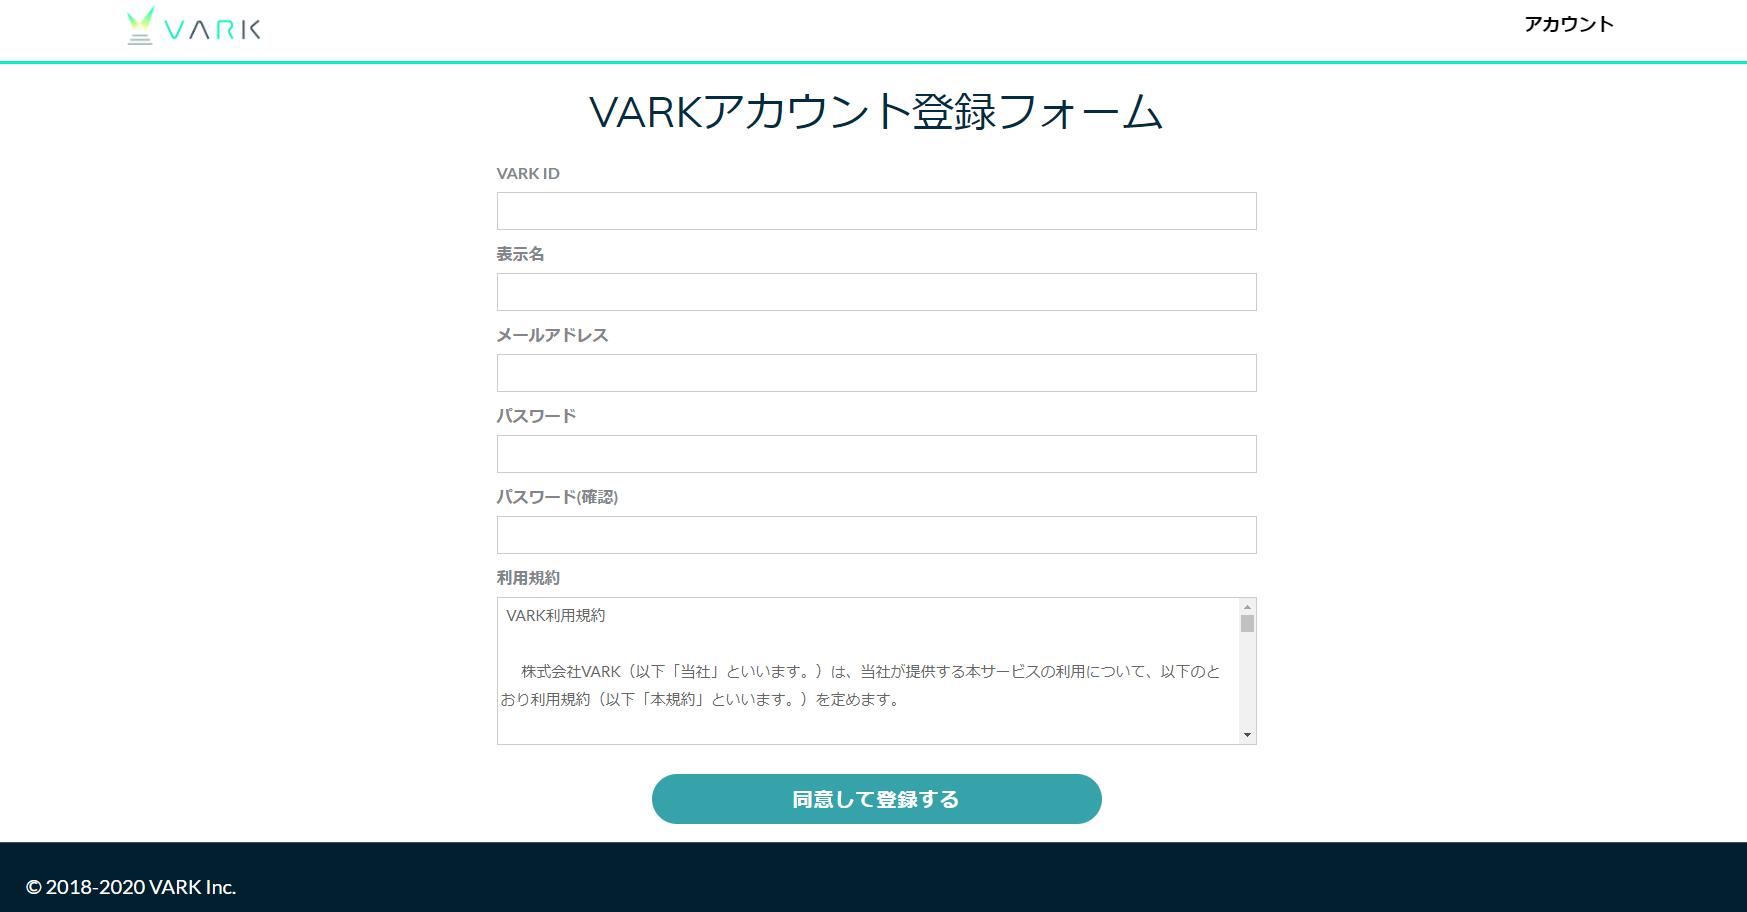 【VARK】のアカウントを作ろう2